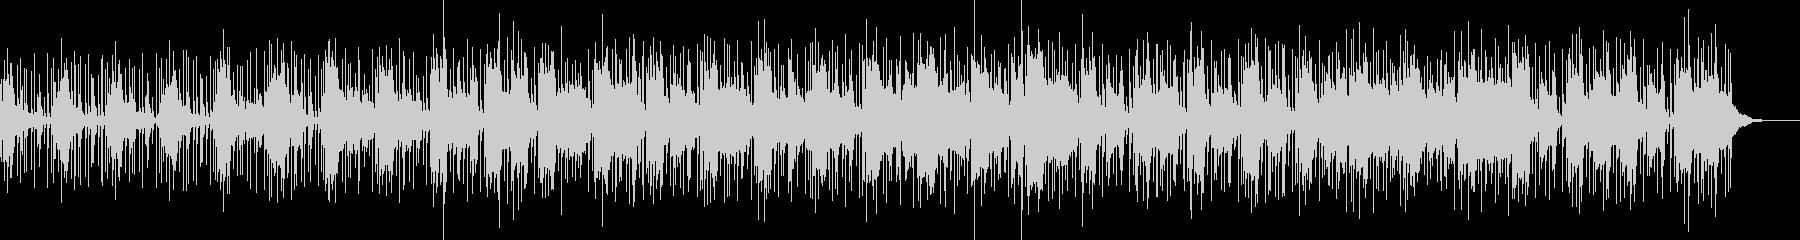 エレクトロミュージックの未再生の波形